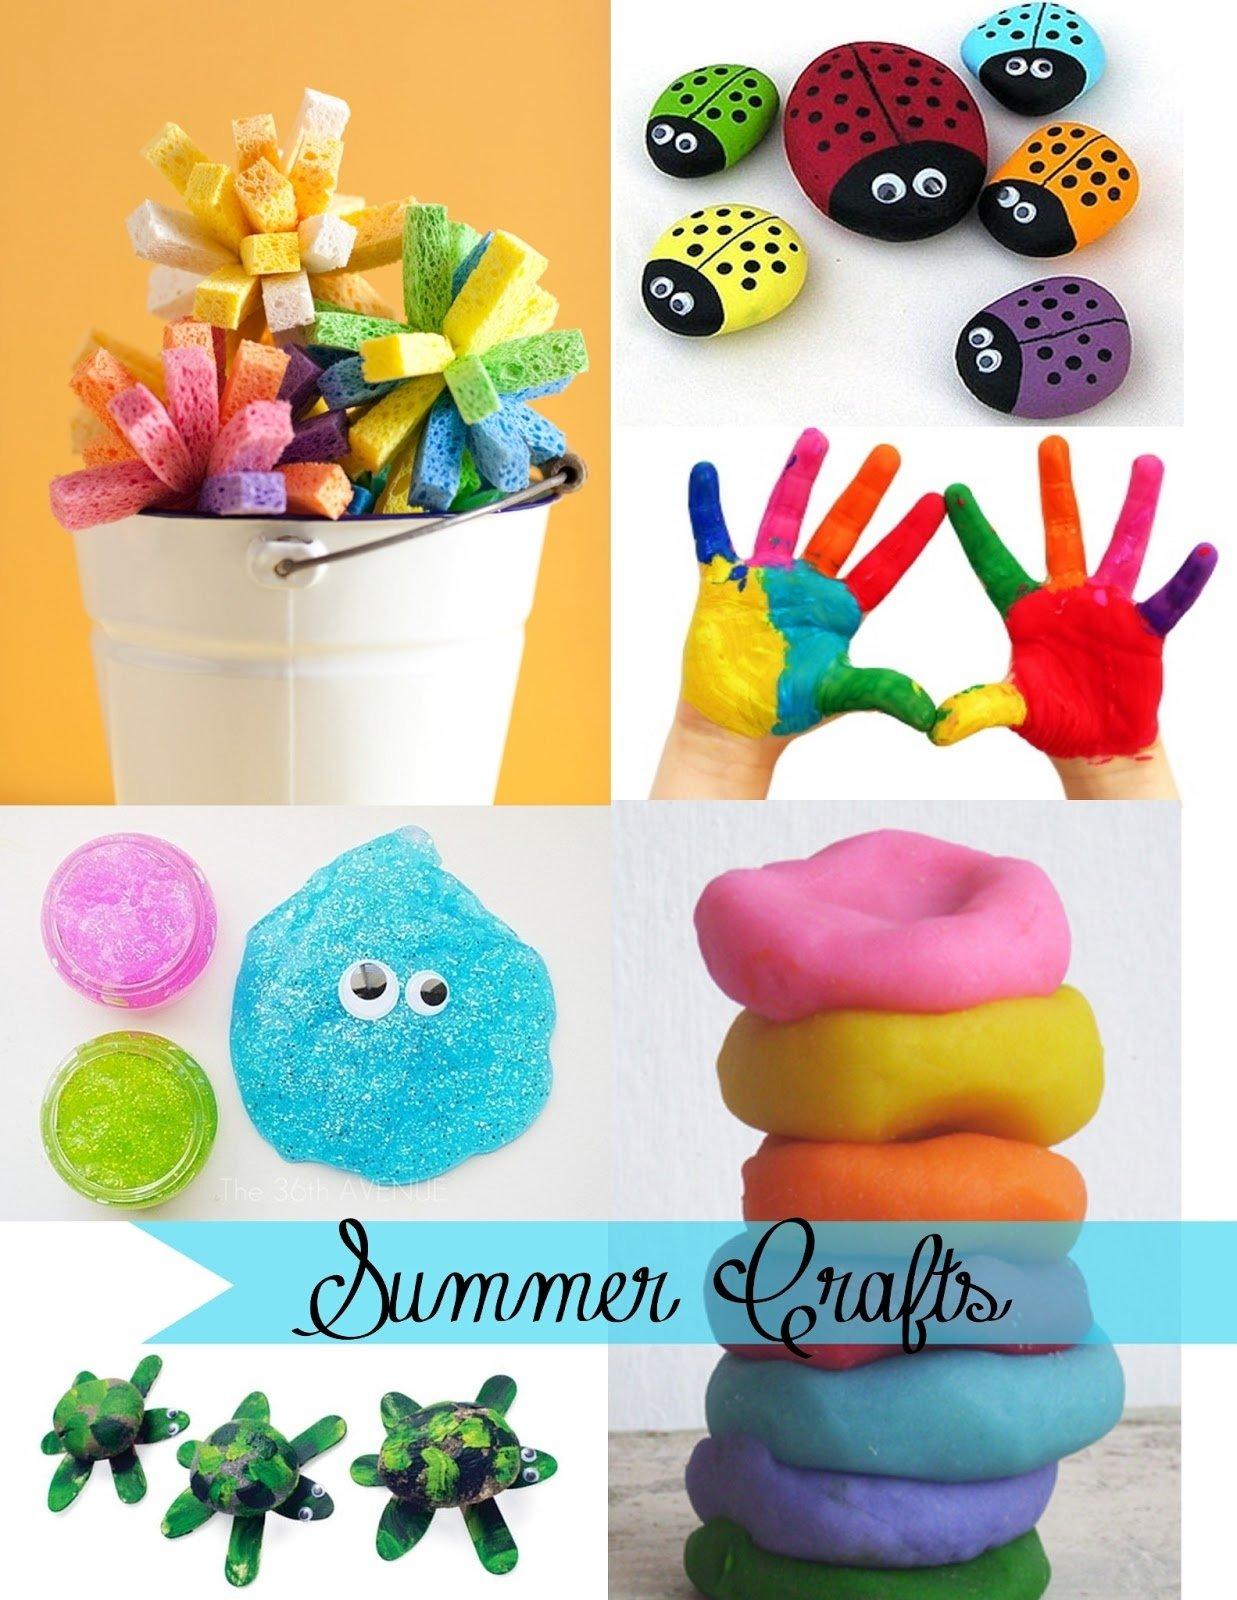 summer crafts children | ye craft ideas